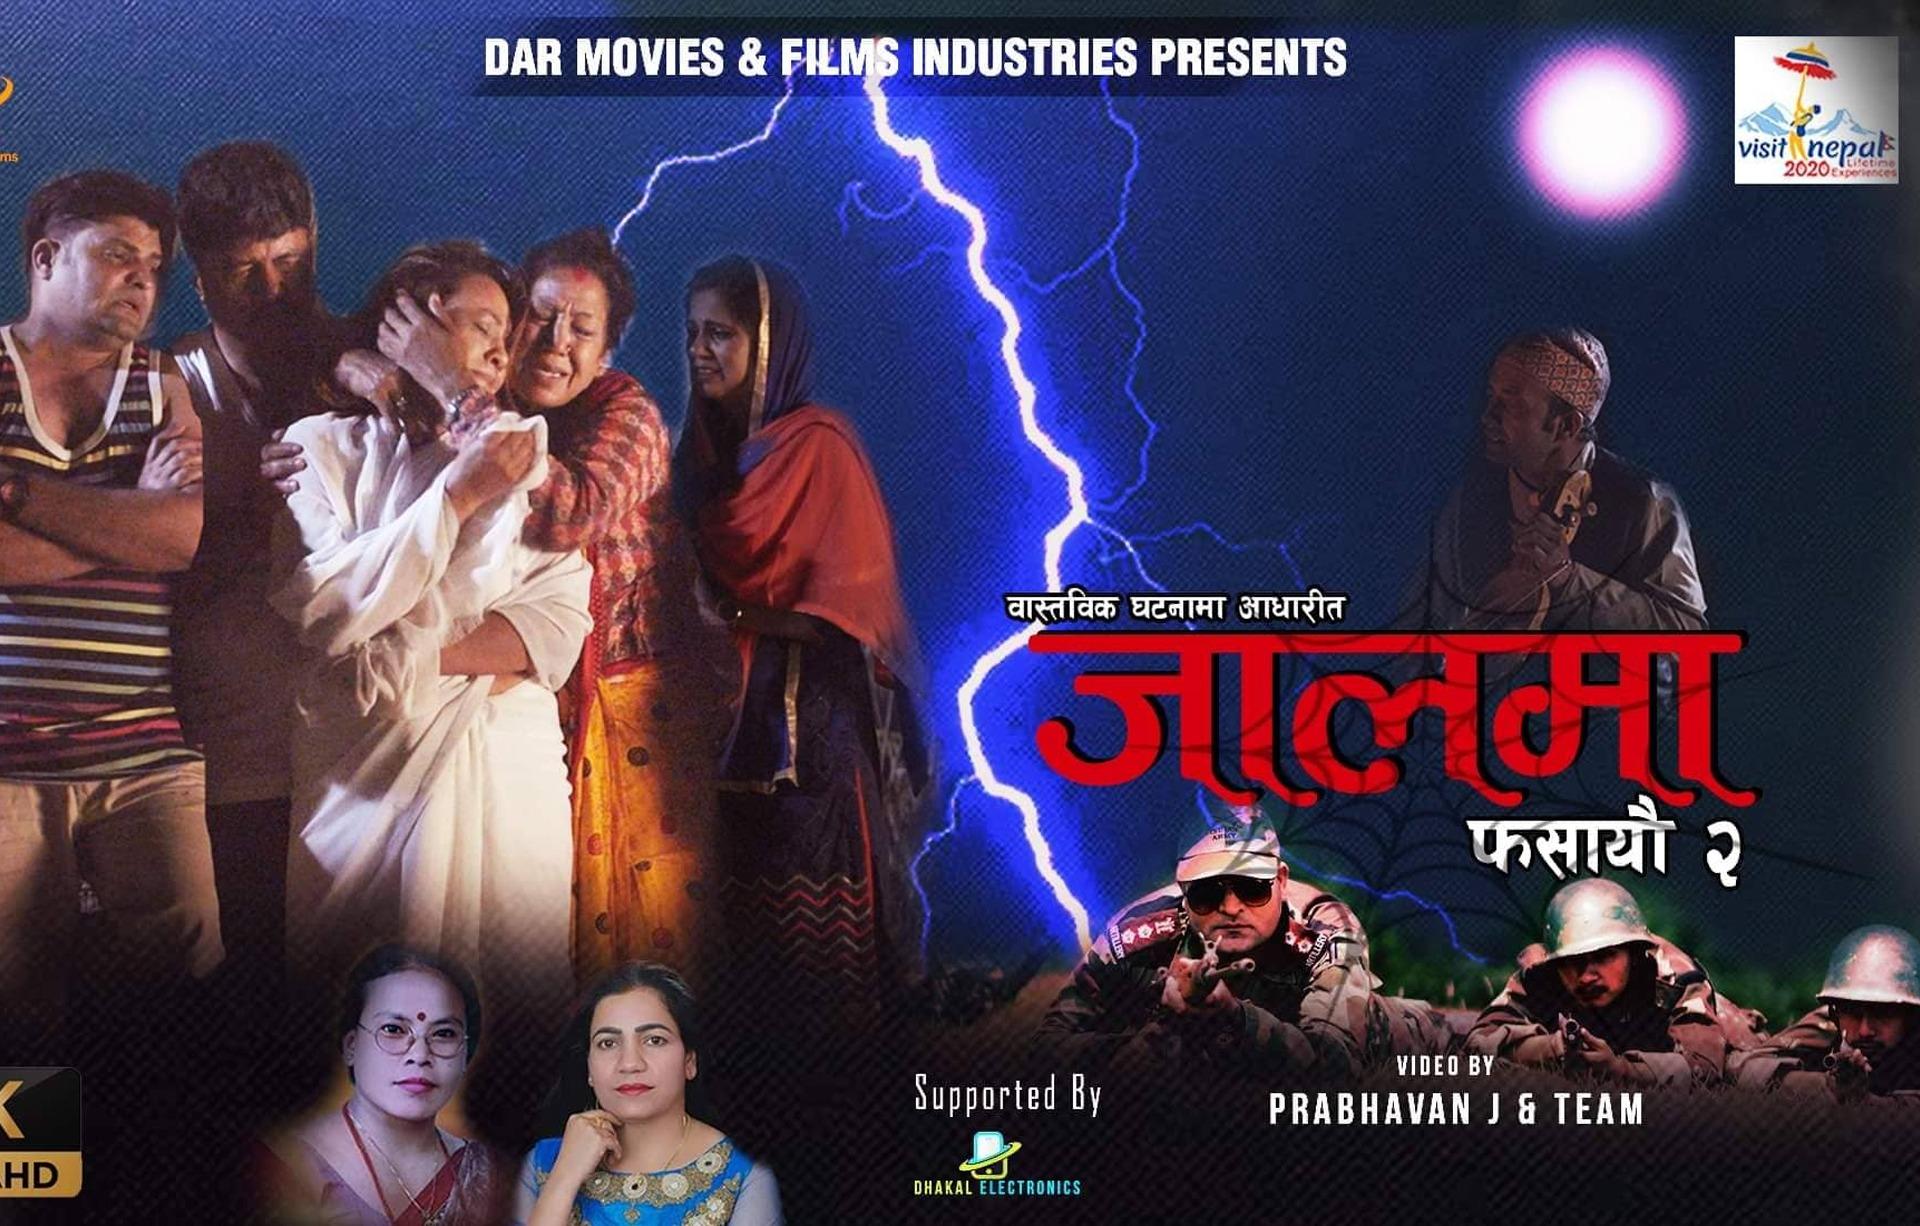 सत्य घटनामा आधारित गीत 'जालमा फसायौ २' (भिडियोसहित)